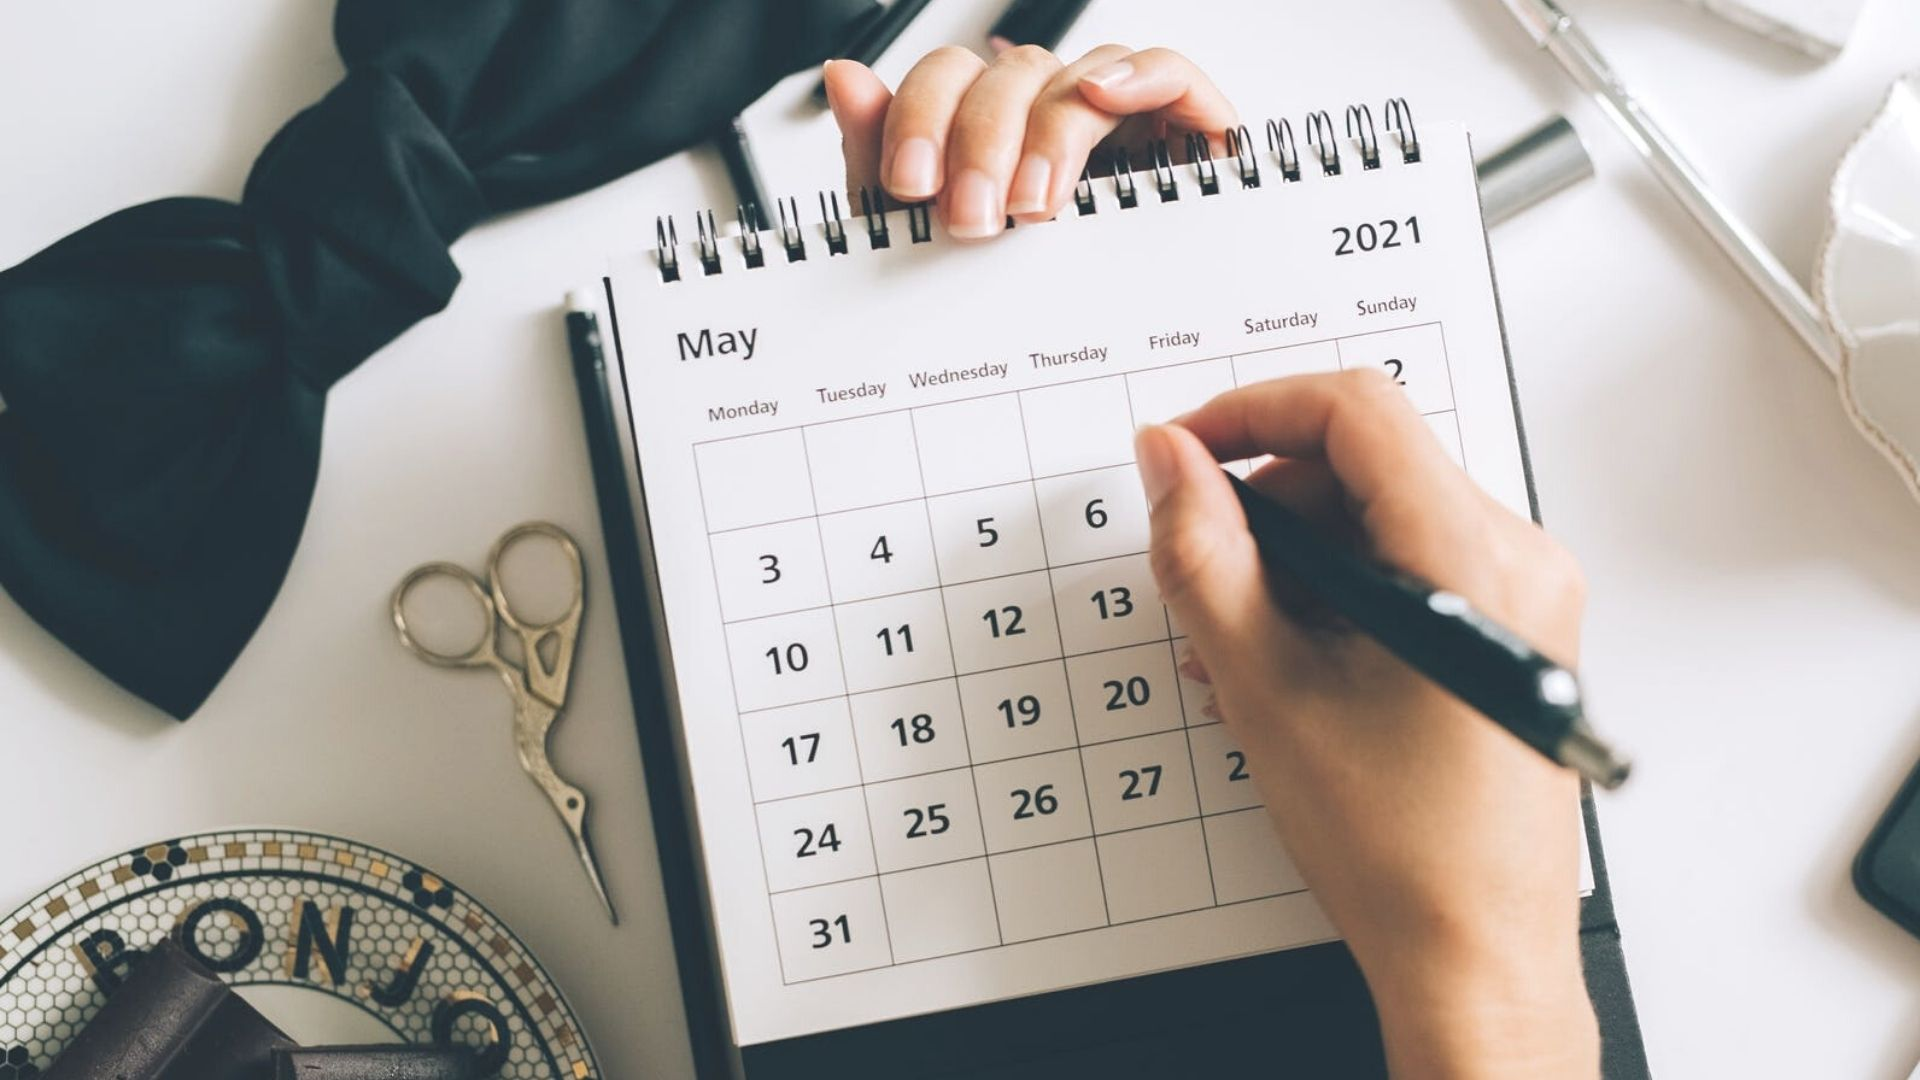 メルペイスマート払いの先延ばしは最大何ヶ月までいける?